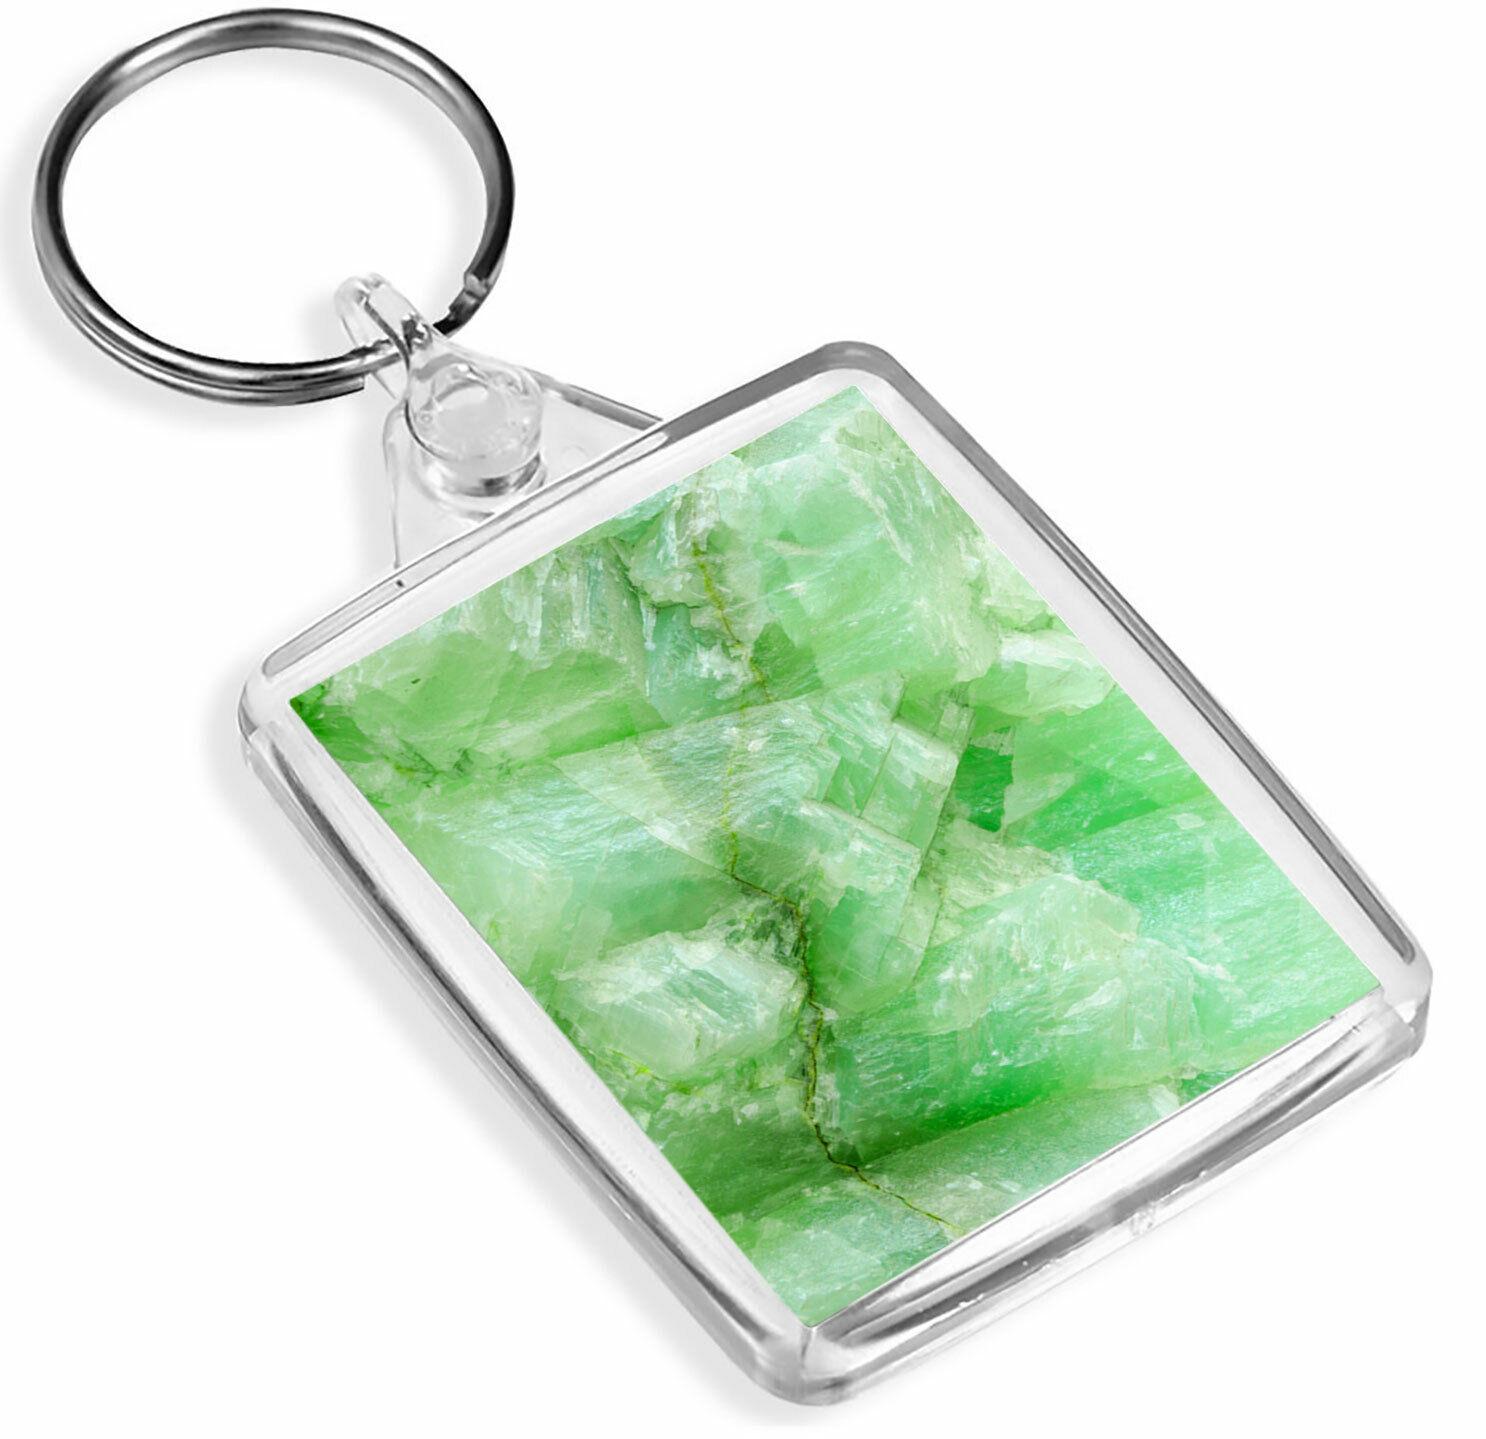 1 Efecto De Piedra Jade Piedra Verde X-Llavero-IP02-Mamá Papá Regalo para Niños #3394